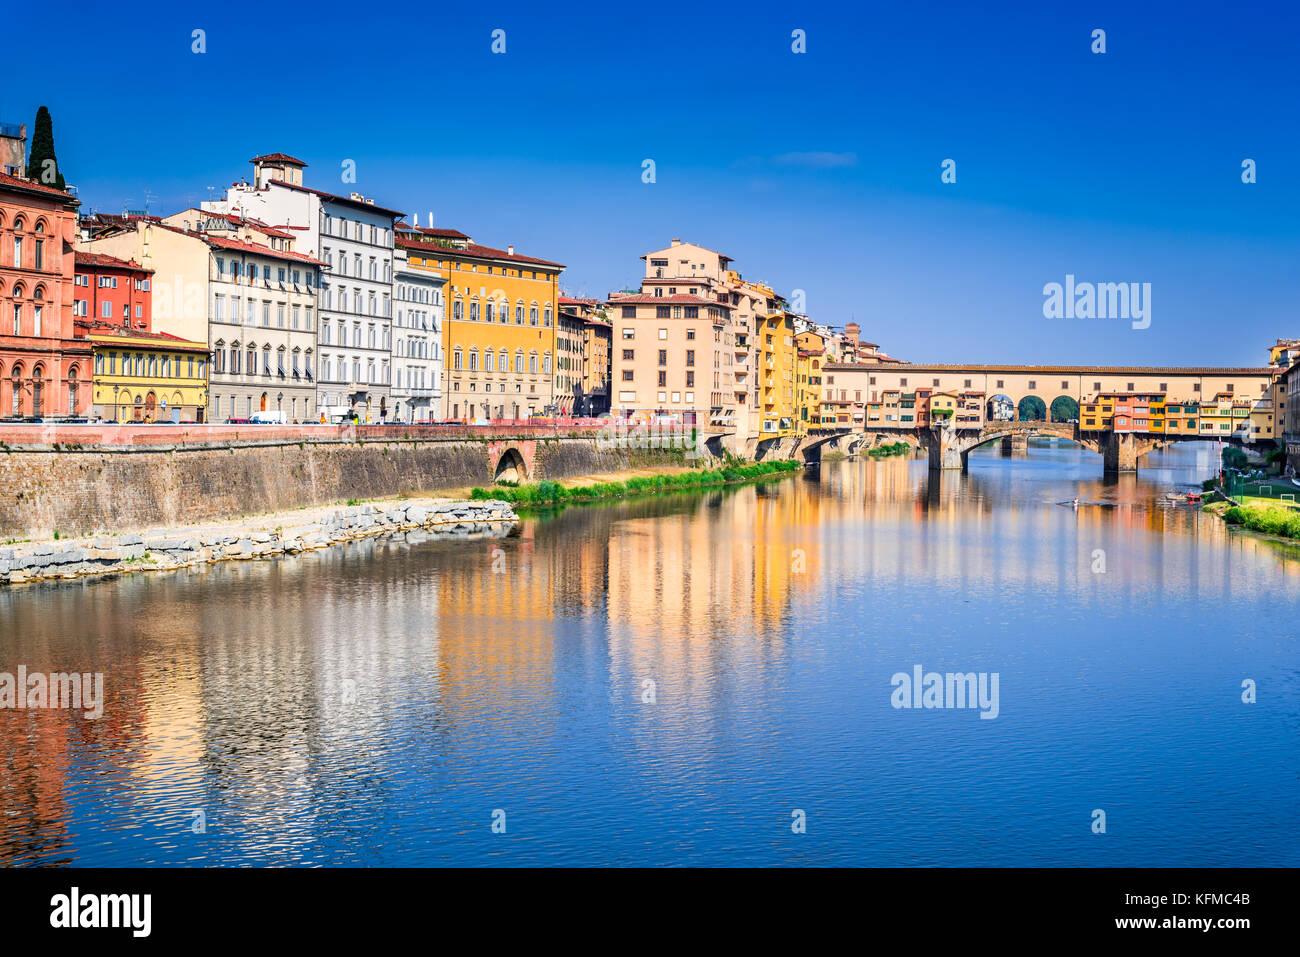 Florence, Toscane - le Ponte Vecchio, pont médiéval sunlighted sur l'Arno, Italie. Photo Stock